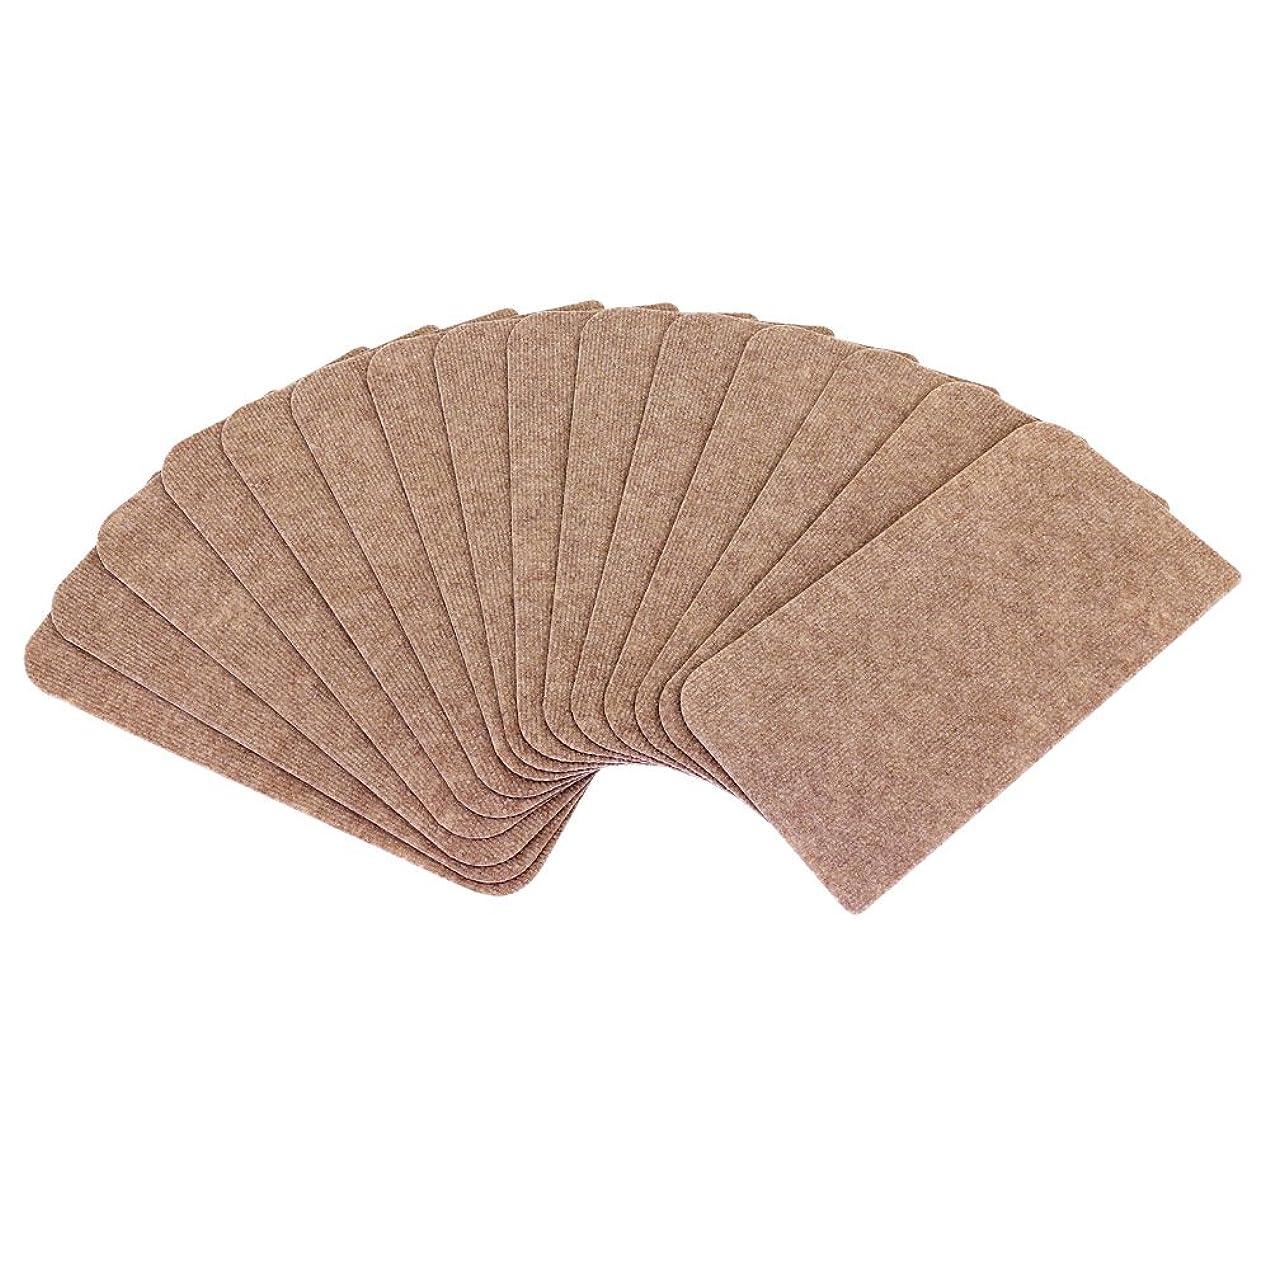 奴隷大声で借りる山五 滑り止め 吸着加工 階段用 ブラウン色 洗えるカーペット 薄手 15枚入り 45×22cm